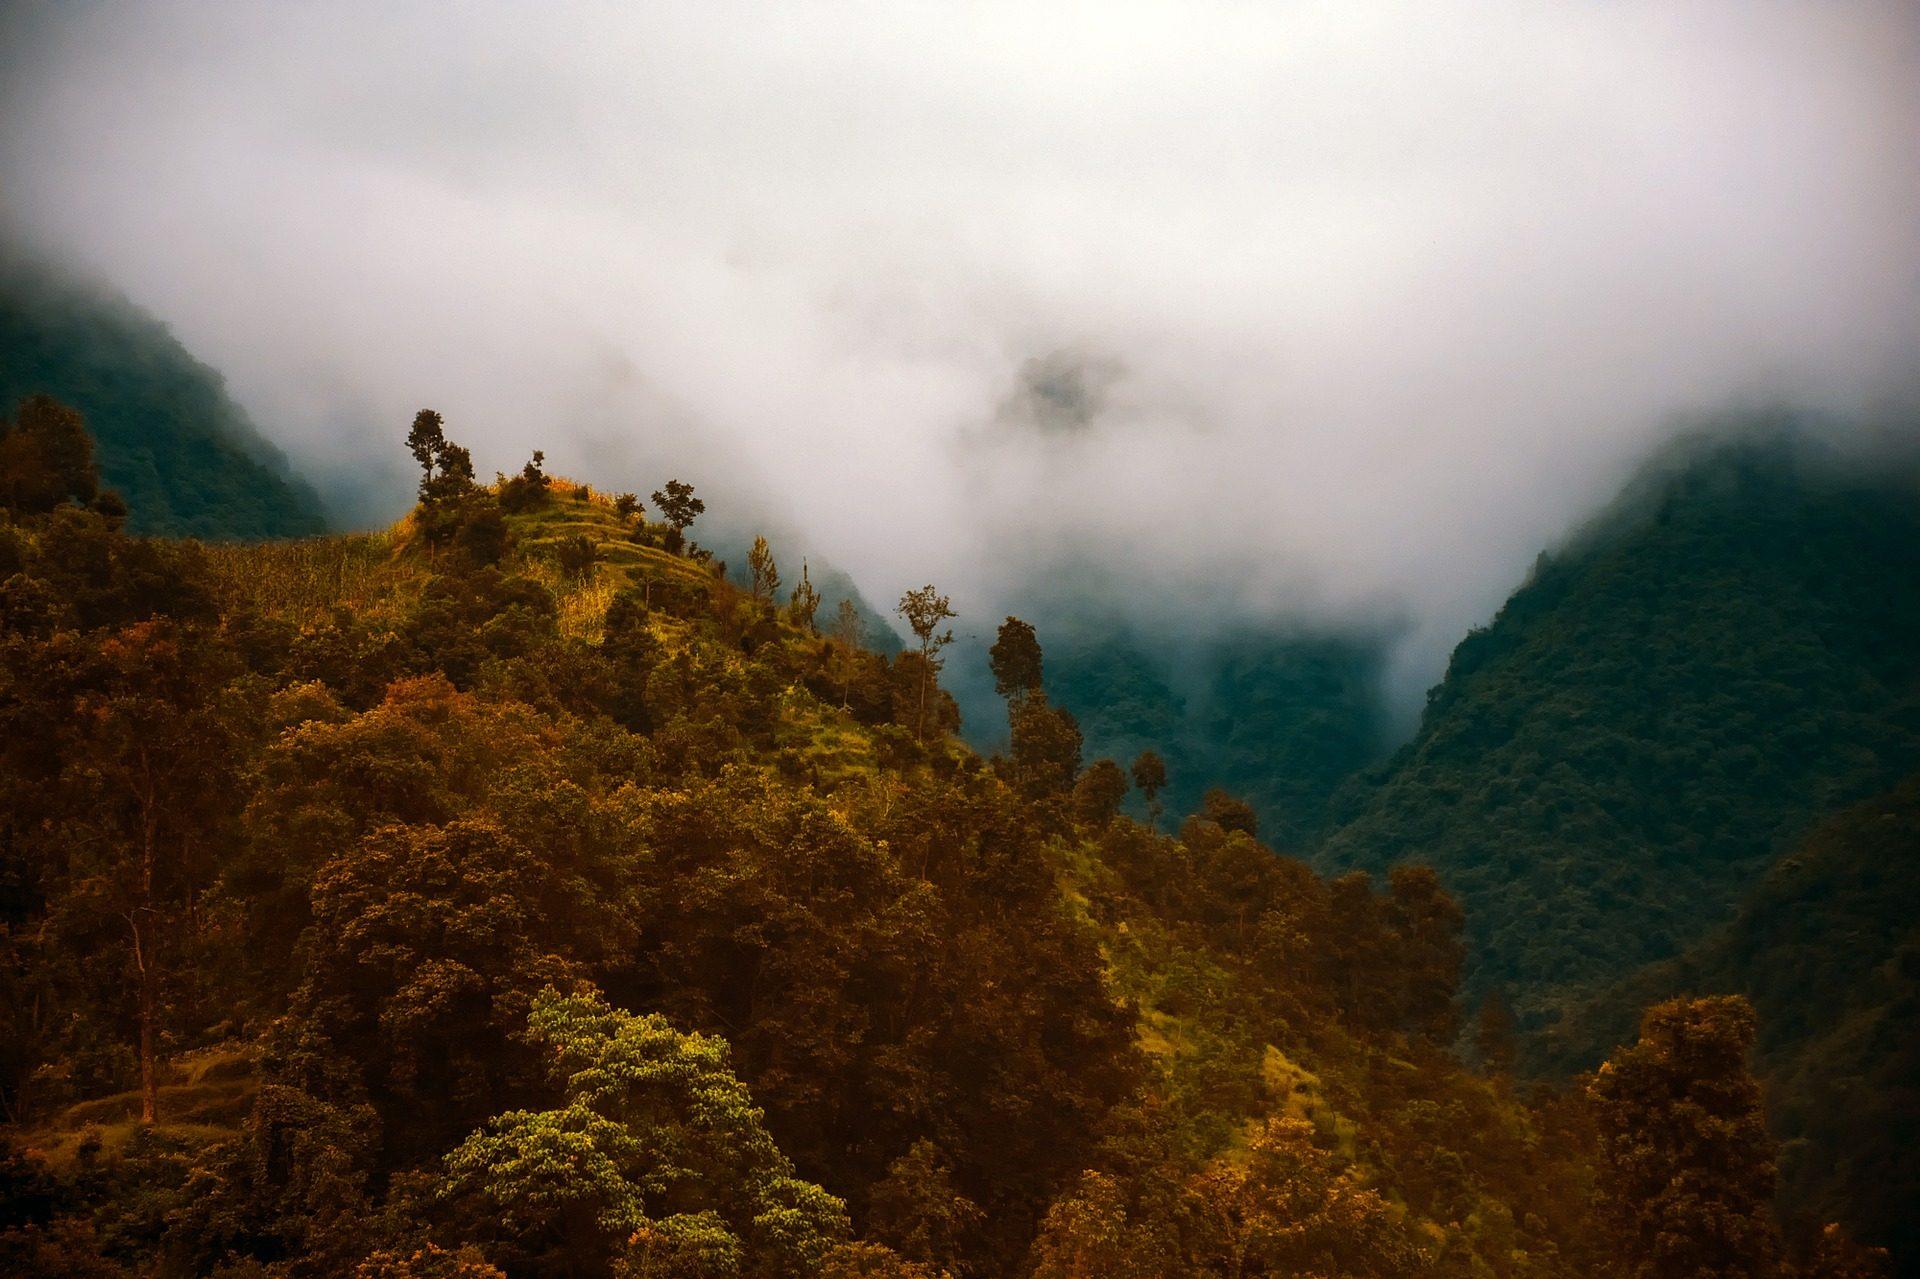 モンタナス, 谷, 植生, 木, 霧, ネパール - HD の壁紙 - 教授-falken.com